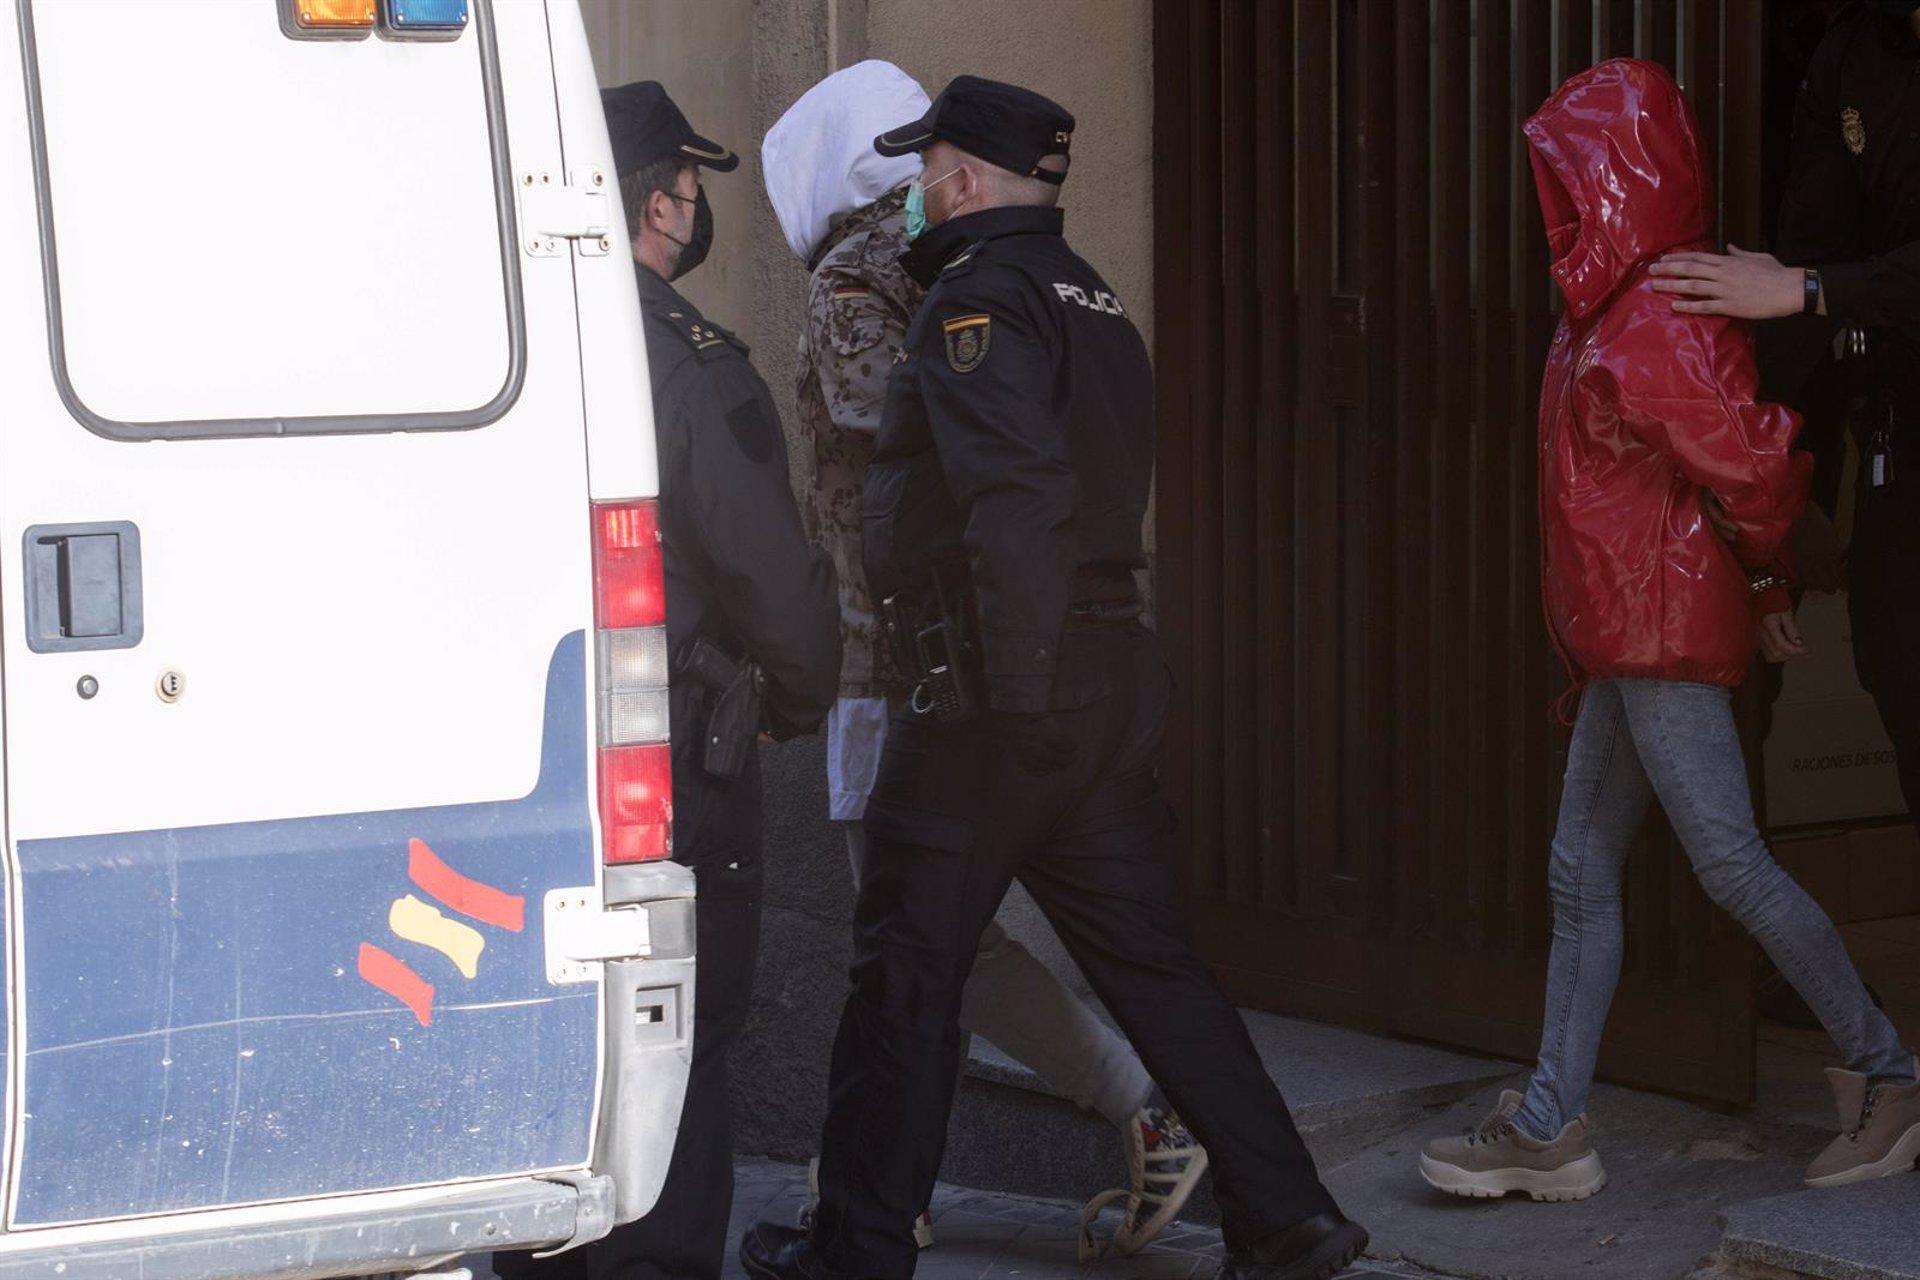 El fiscal pide prisión para Rafael Amargo y su mujer por tráfico de drogas y pertenencia a grupo criminal